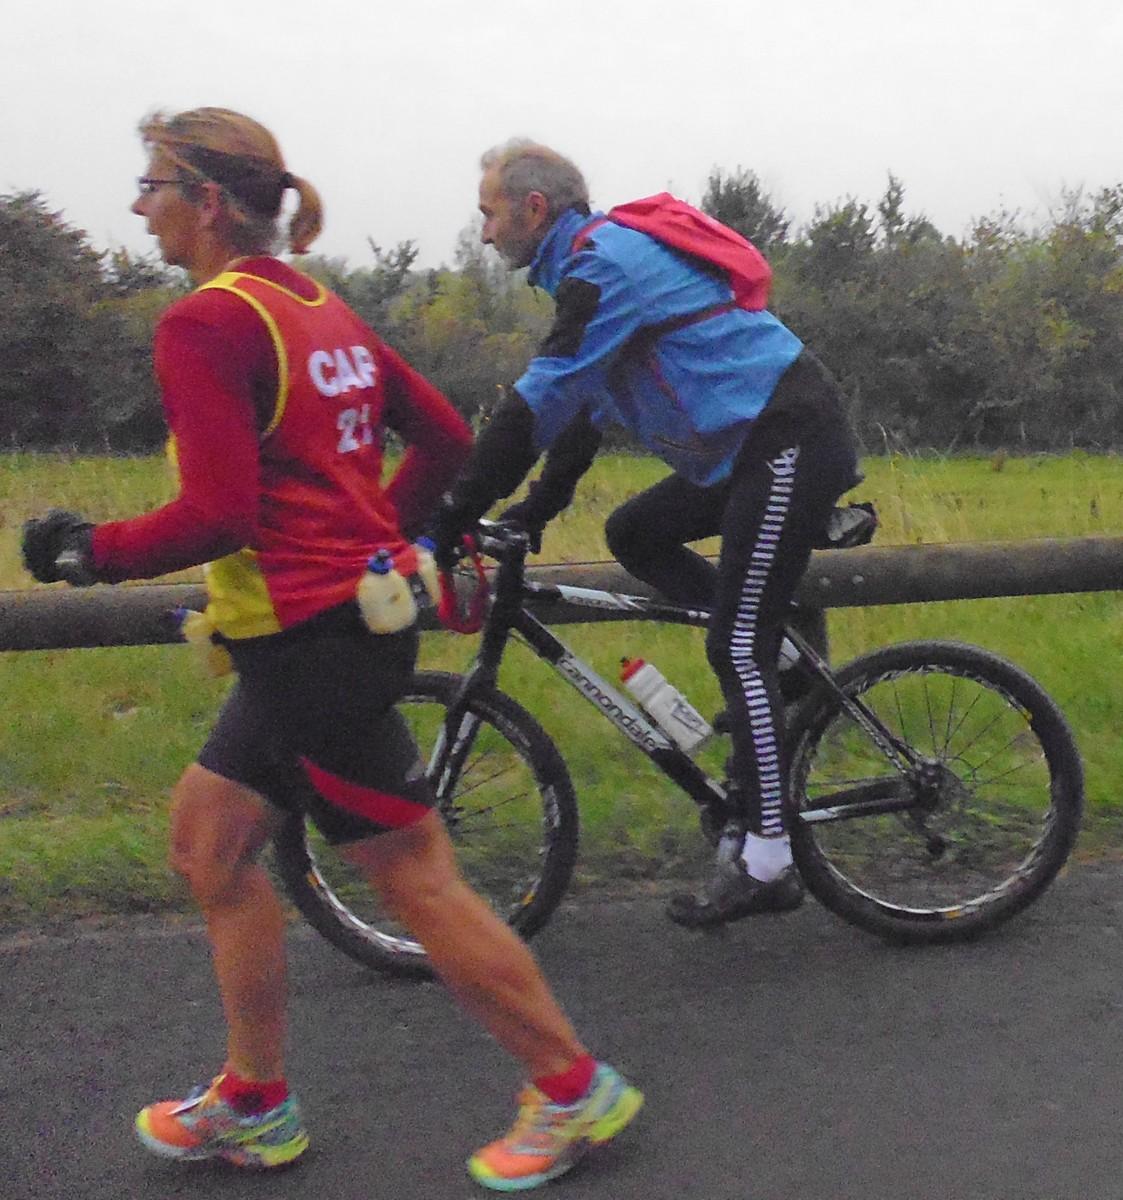 100 16 une joggeuse et son cycliste sur le marathon, de profil